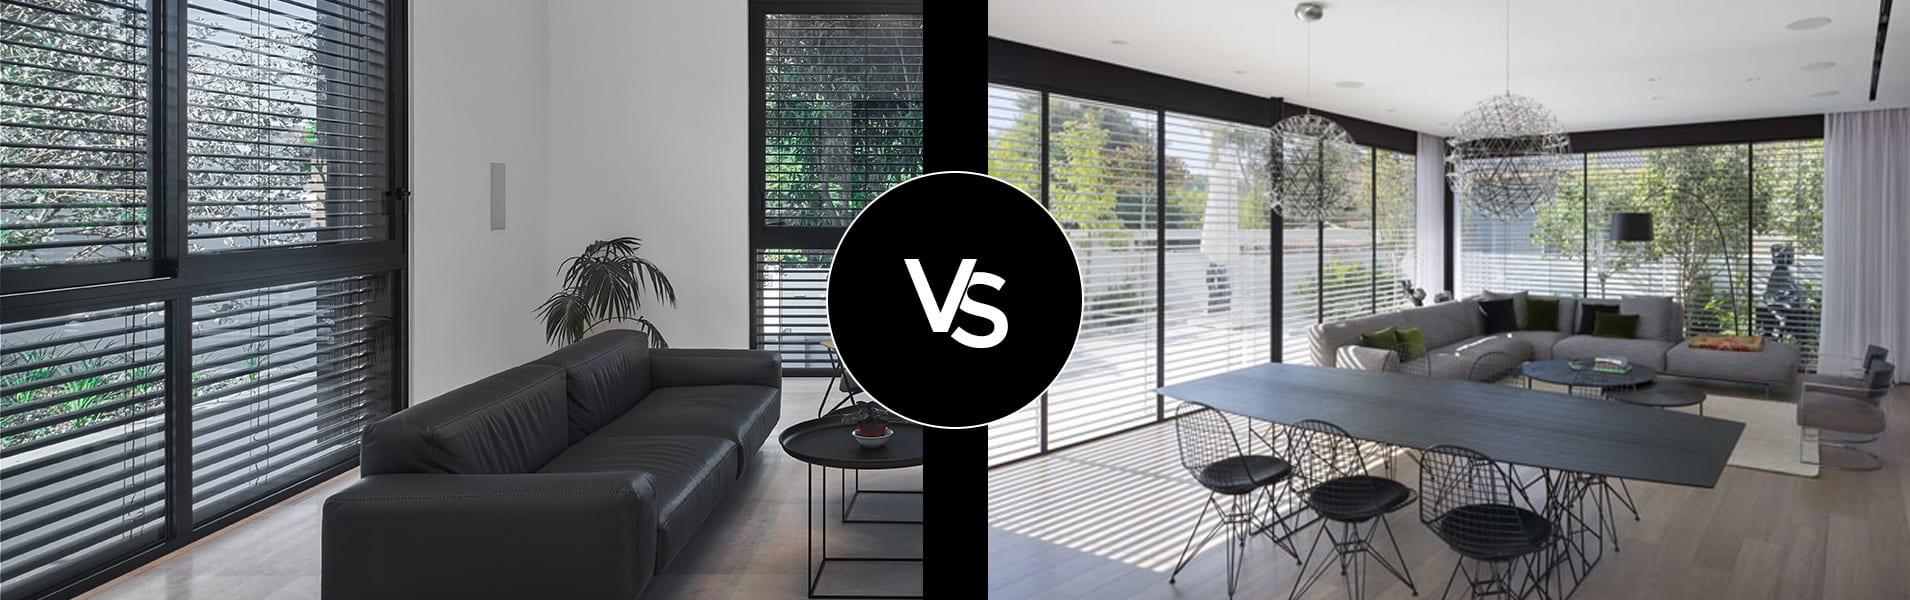 השוואה בין חלונות ברזל לחלונות אלומיניום ולחלונות עץ מבחינת איטום ורטיבות, בידוד ואקוסטיקה, תחזוקה וניקיון | תובל מינימל